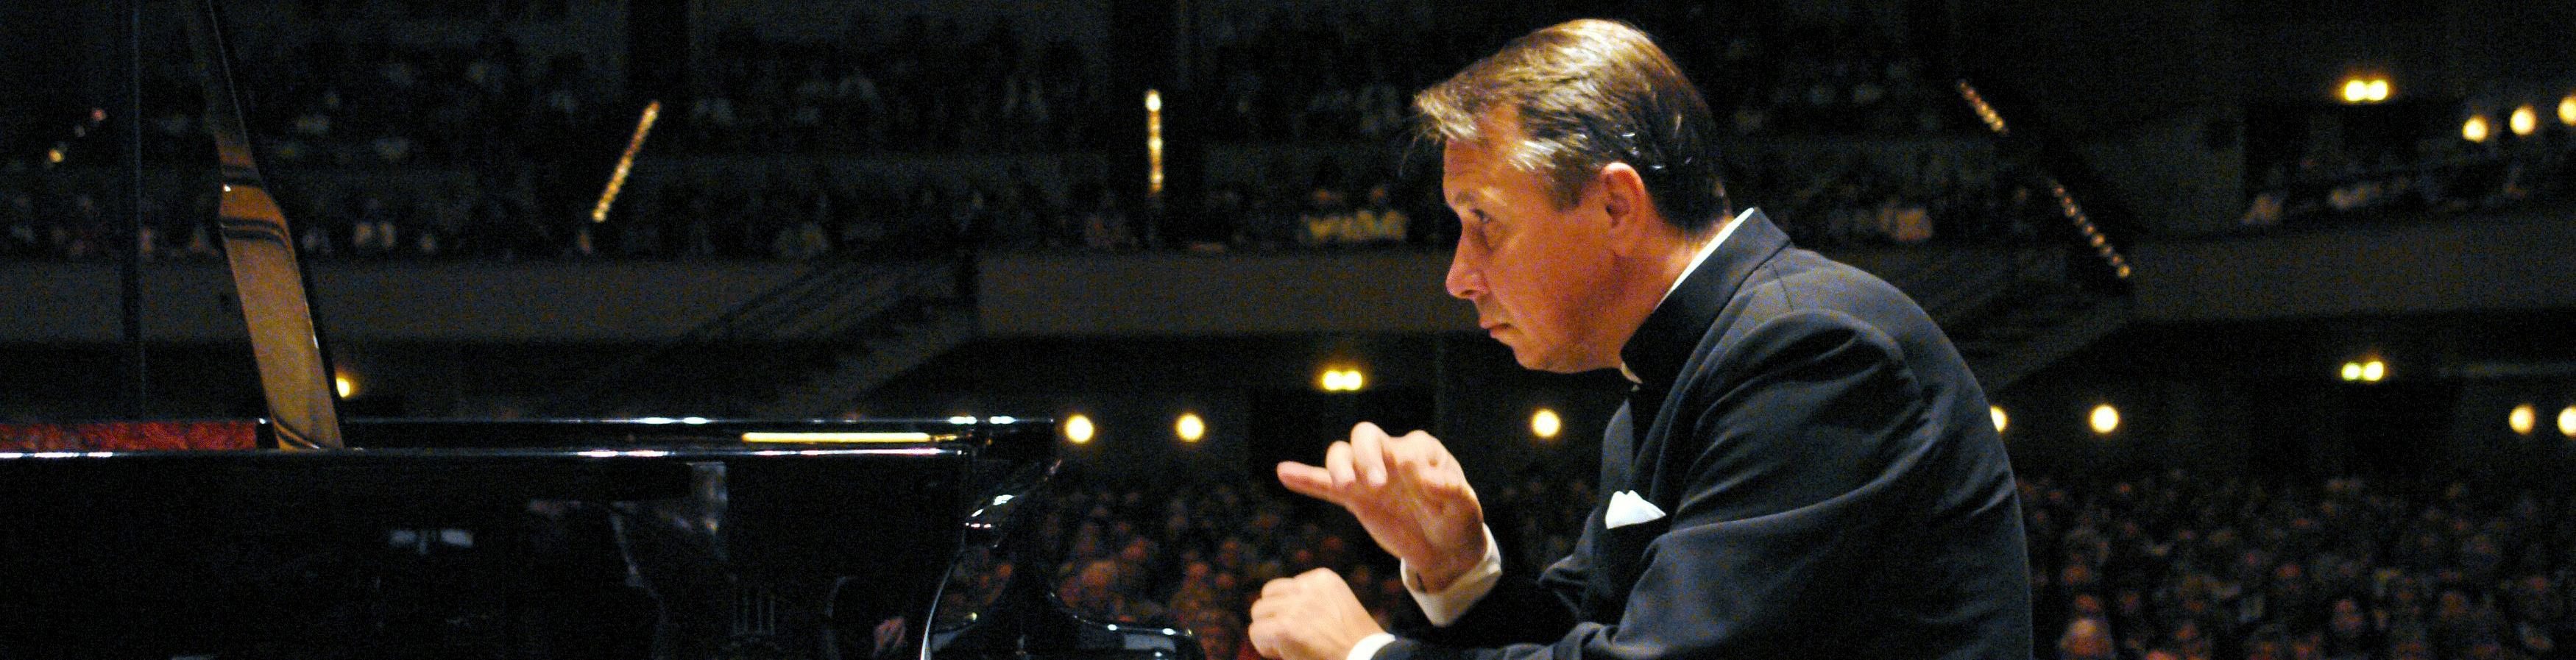 Gábor Takács-Nagy conducts Mozart, Schumann, and Mendelssohn – With Mikhaïl Pletnev